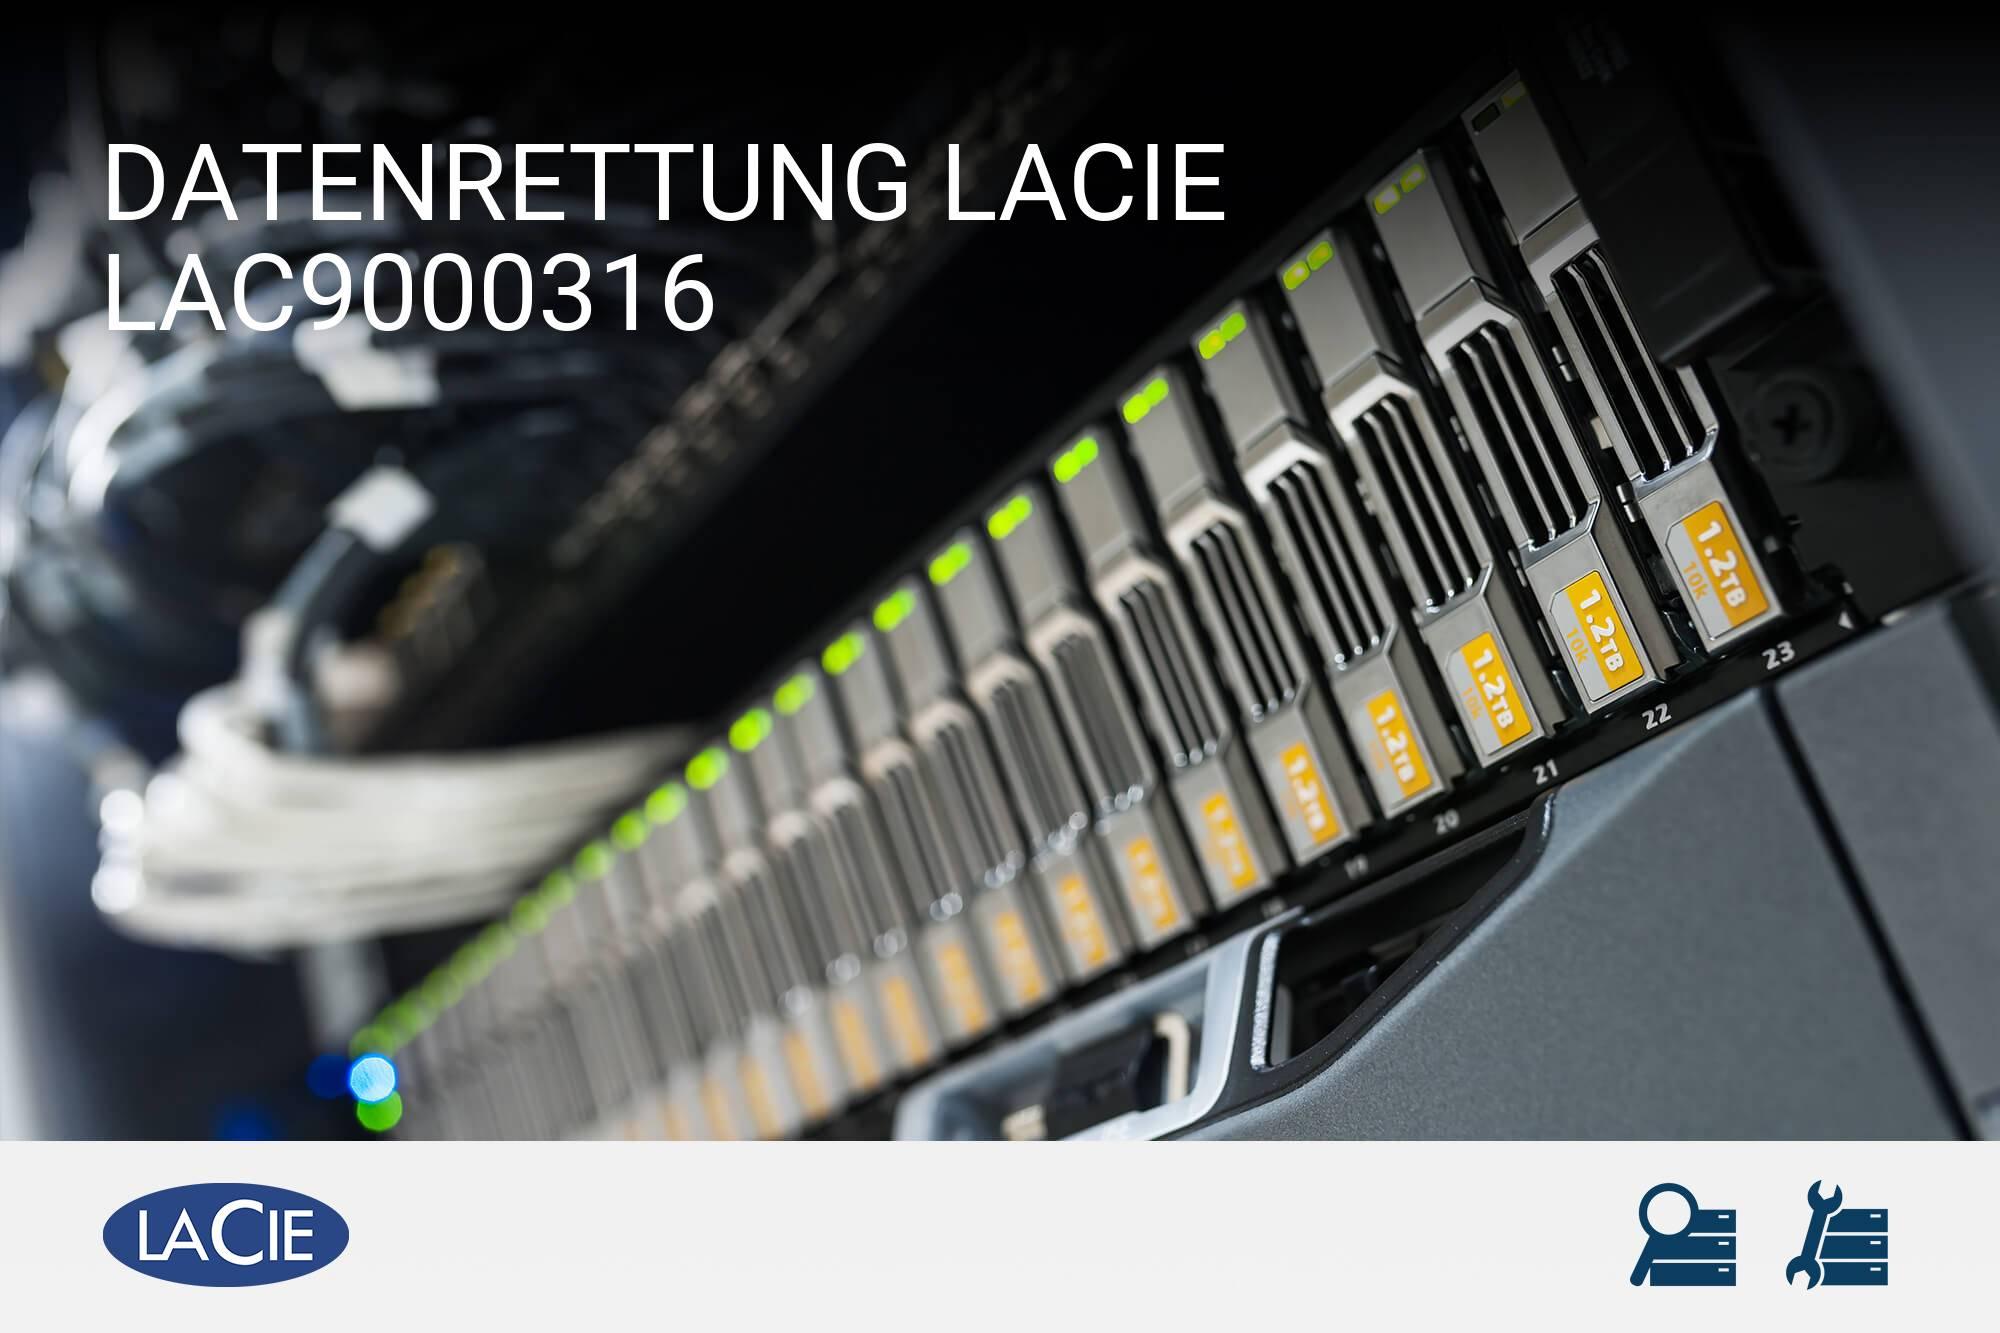 LaCie LAC9000316